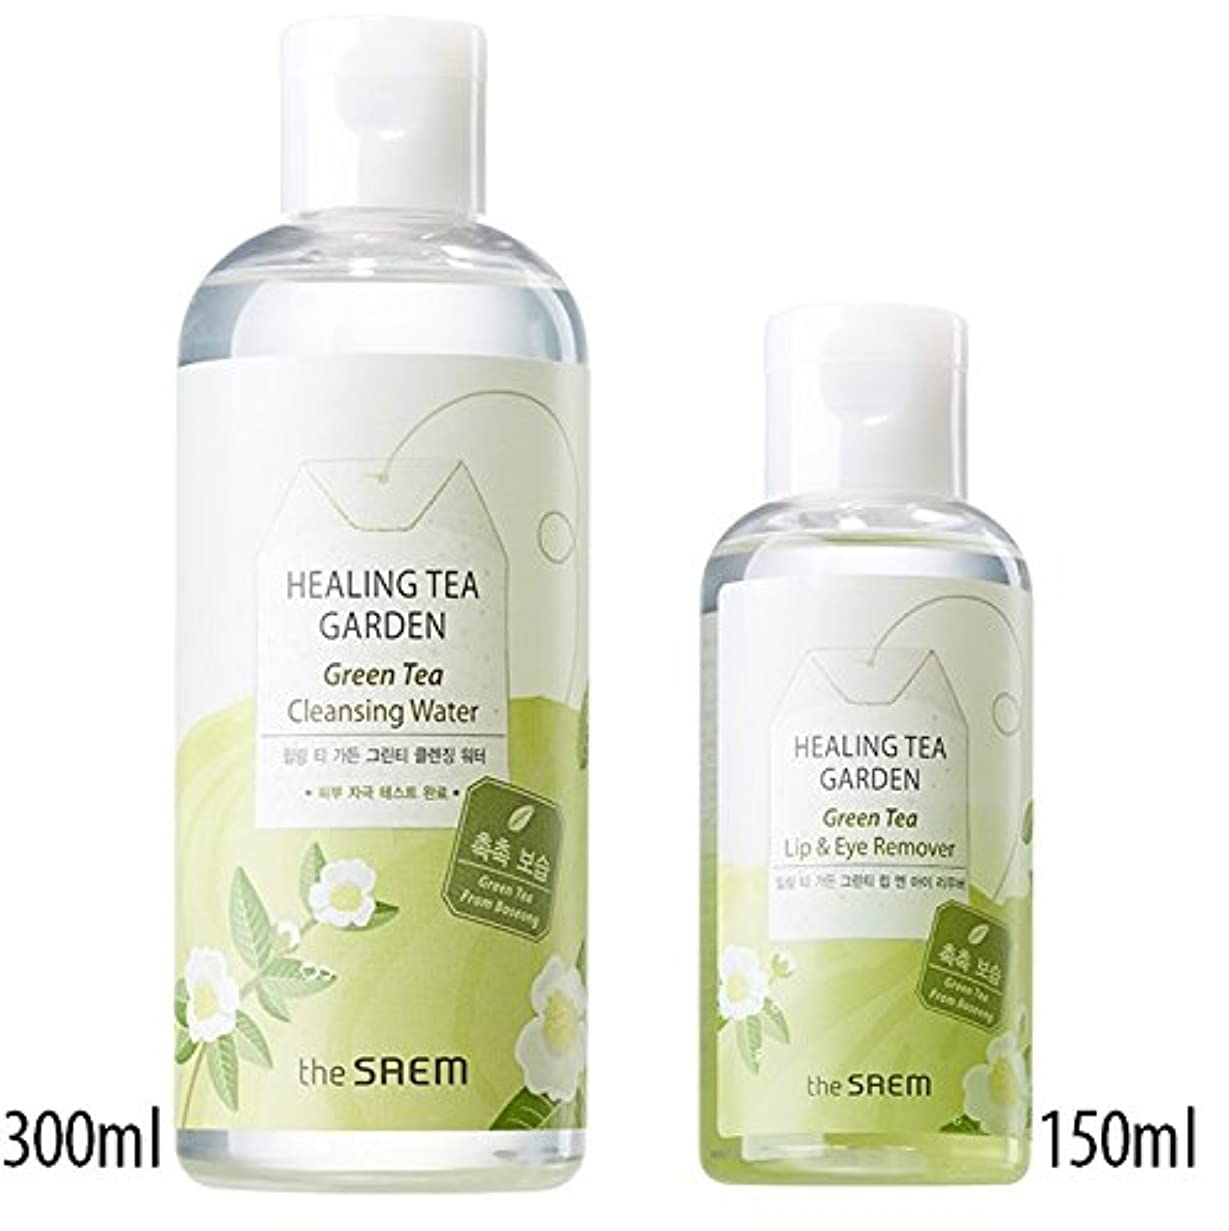 合わせていらいらさせる教育者[1+1] The Saem Green Tea (Lip & Eye Remover + Cleansing Water)ザセム ヒーリングティーガーデングリーンティーリップ&アイリムーバー+ ヒー クレンジングウォーター...